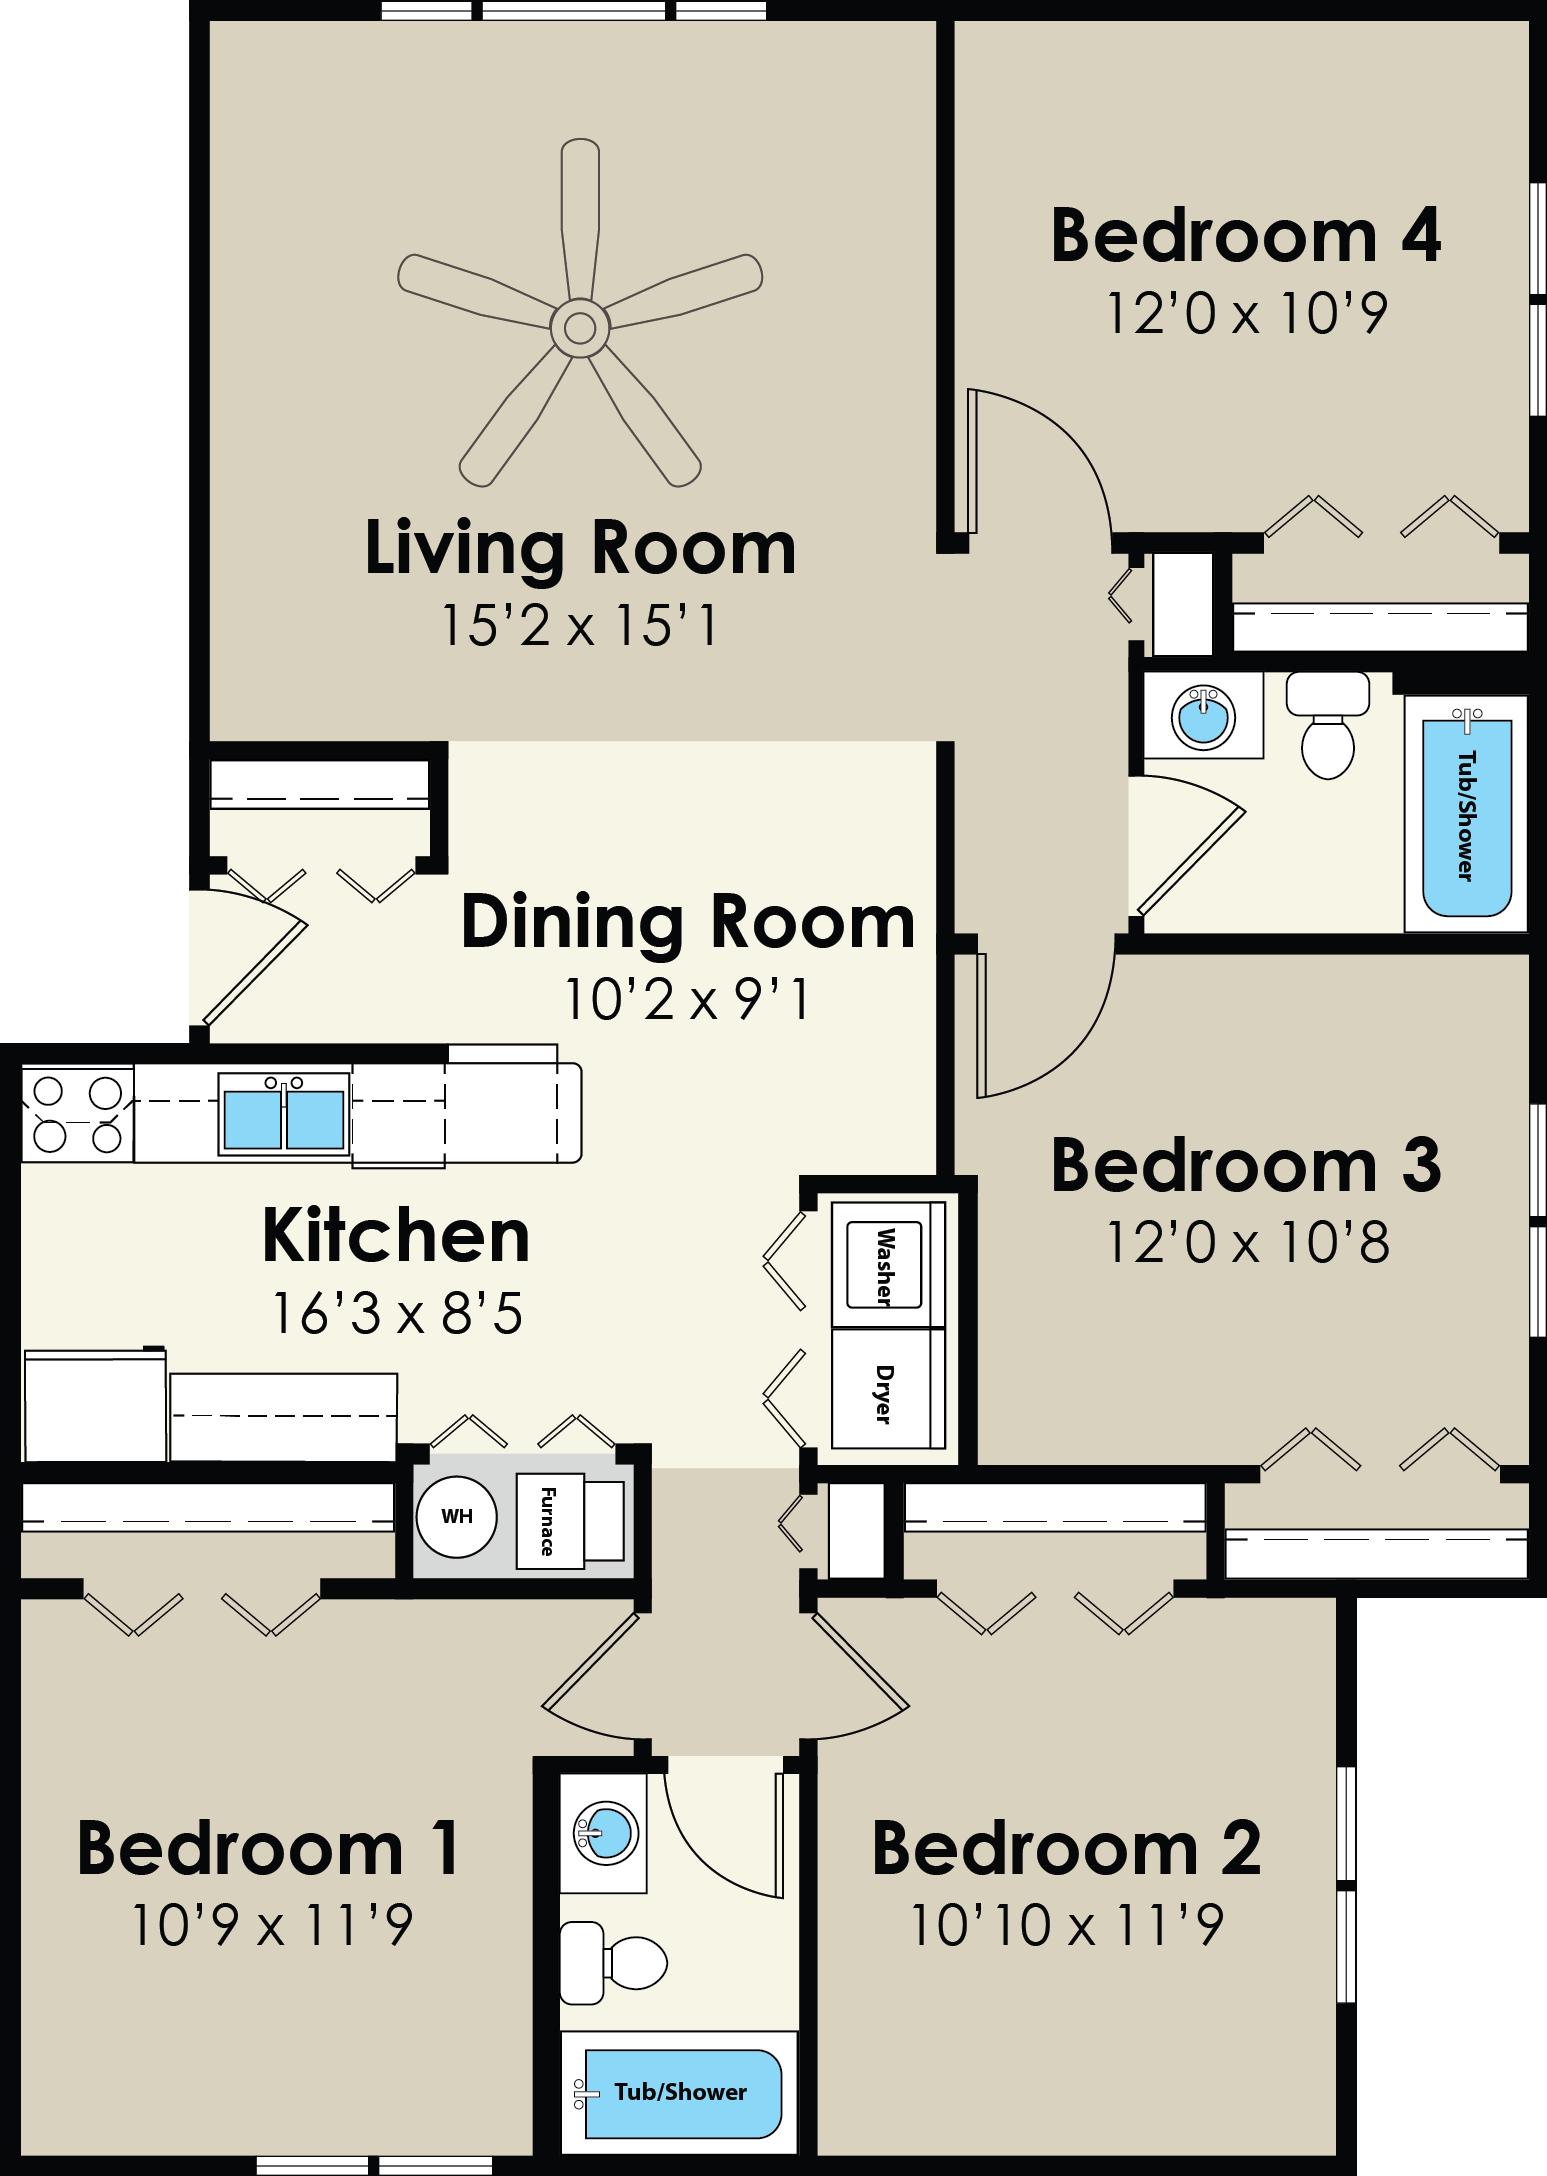 4517-4525 Floor Plan